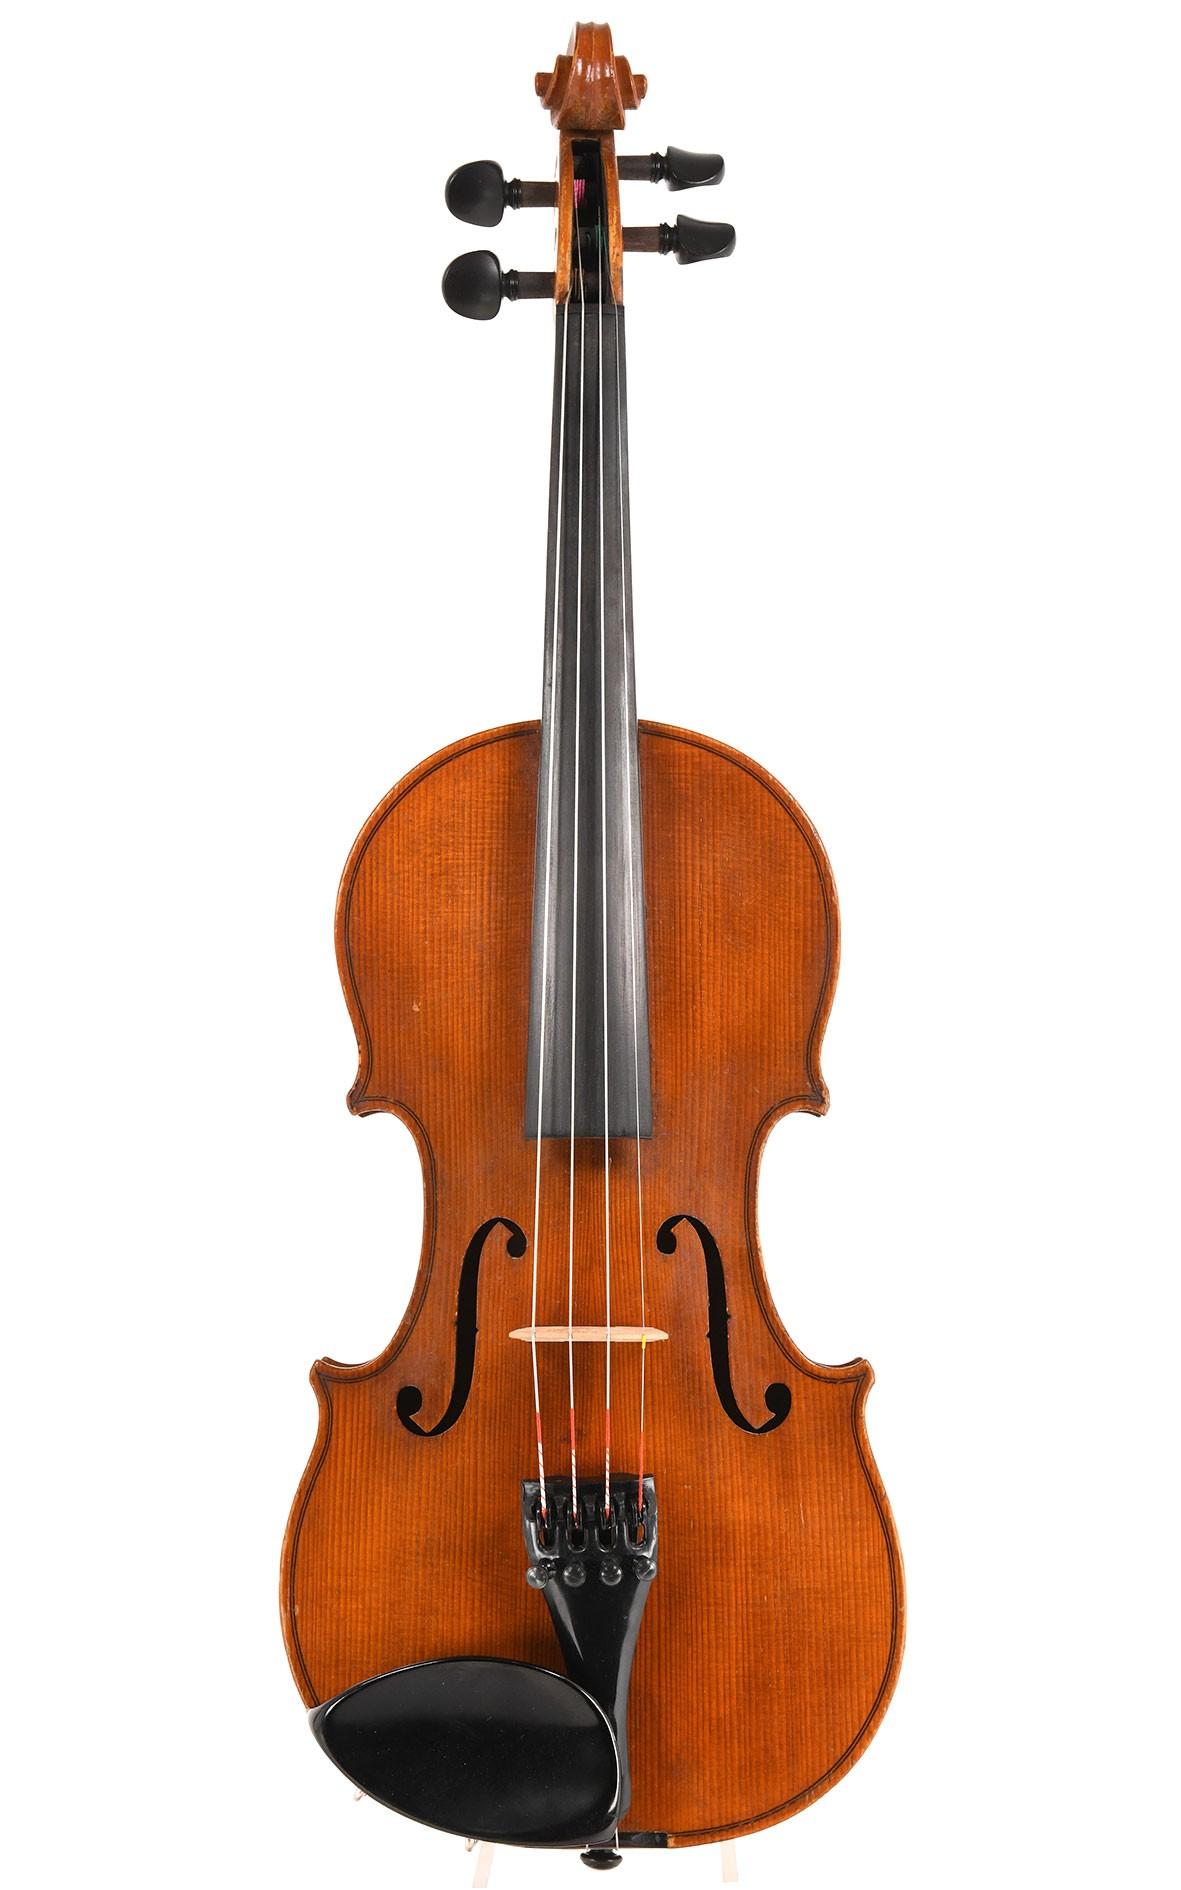 German violin from Saxony Markneukirchen around 1930